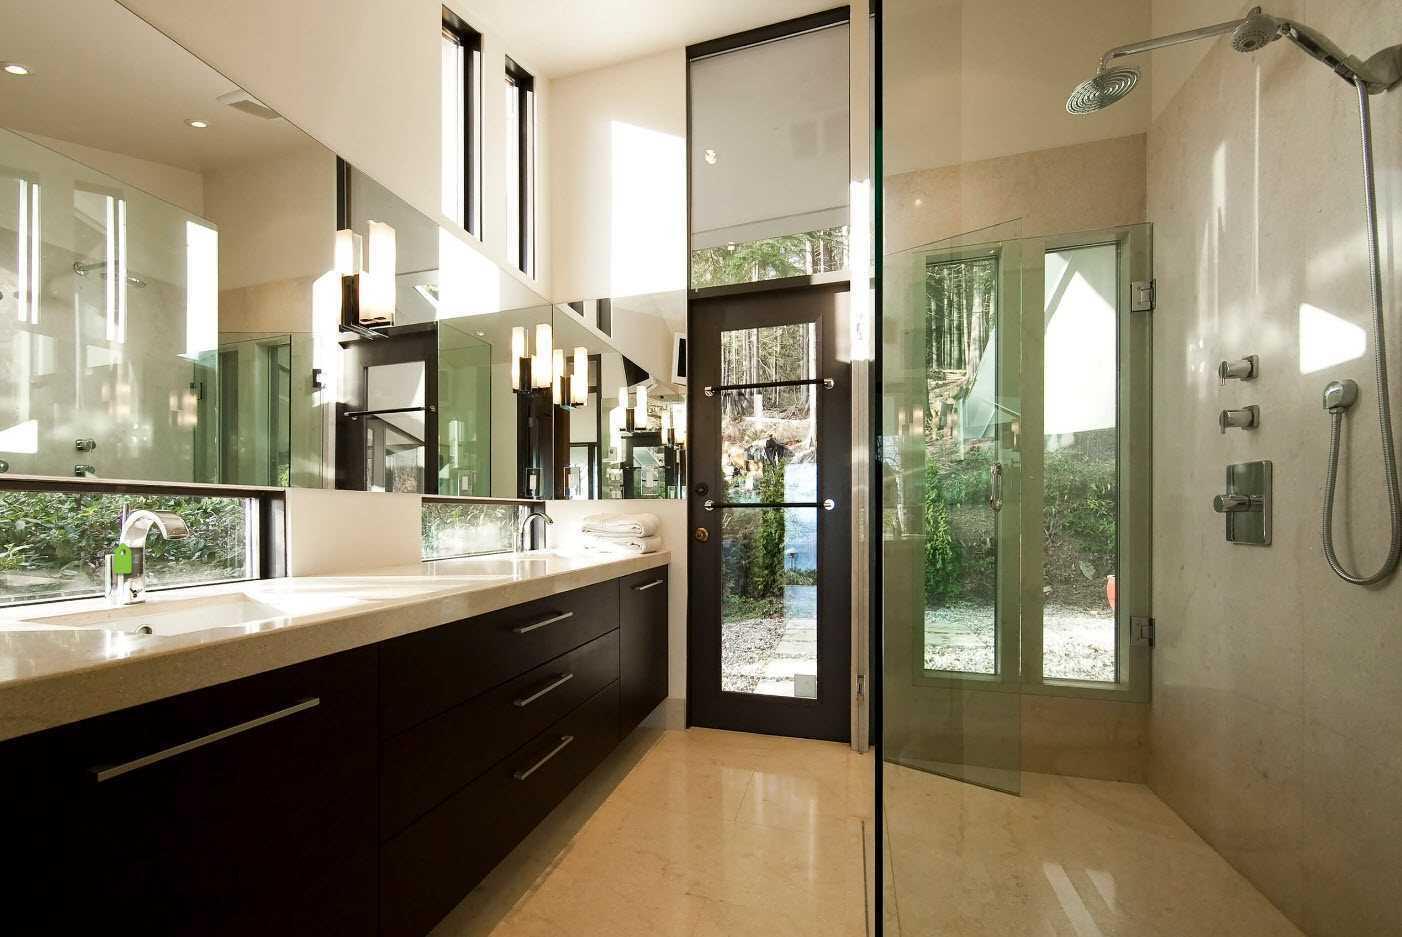 ideja par gaišu vannas istabas dizainu